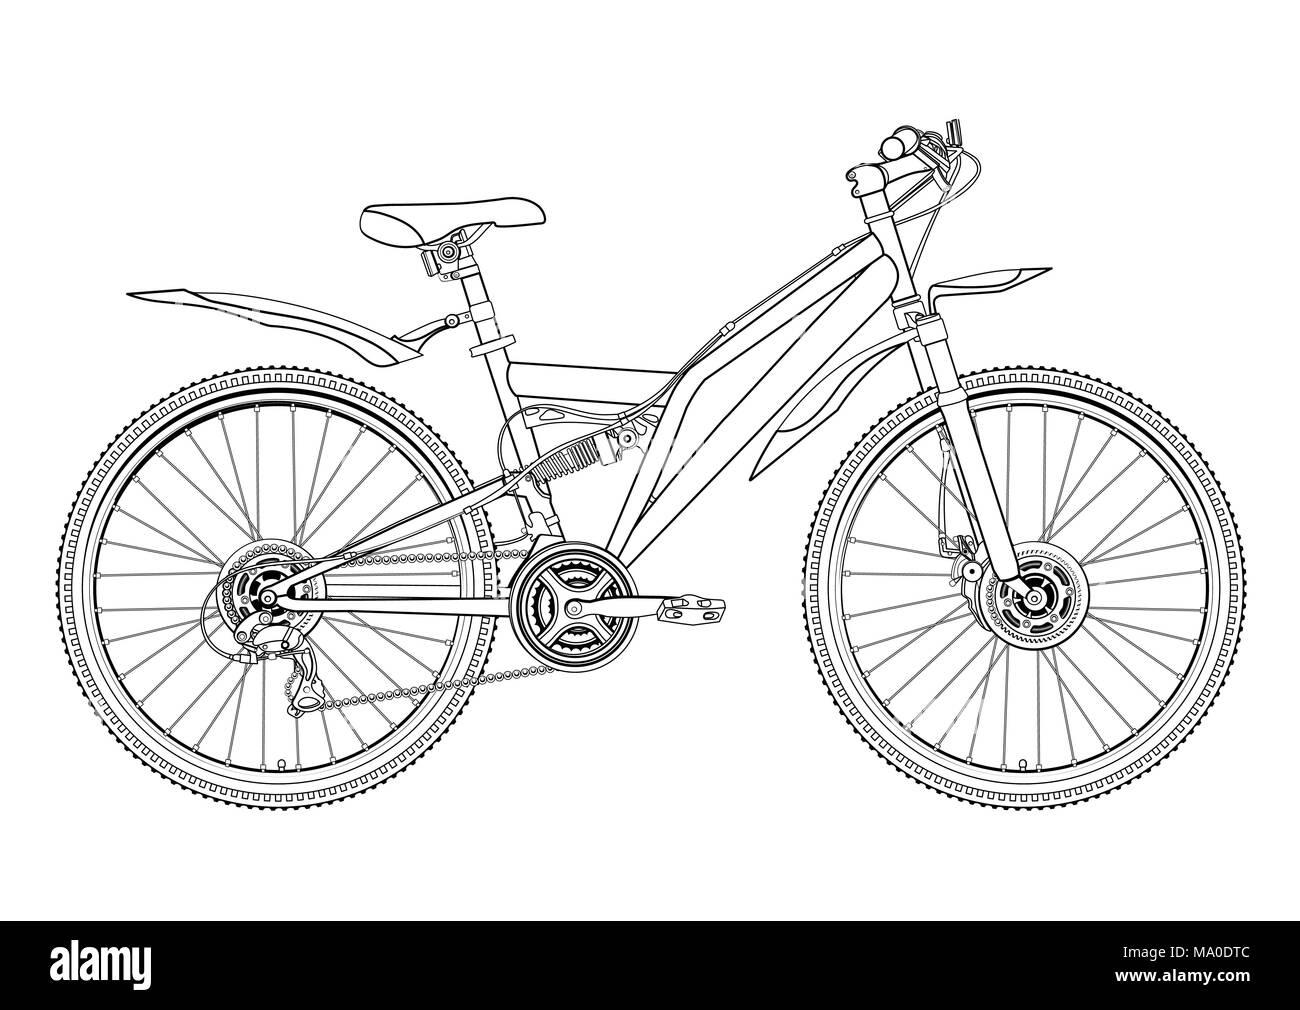 Bicicleta Contorno Vectorial Dibujo Monocromo Blanco Y Negro